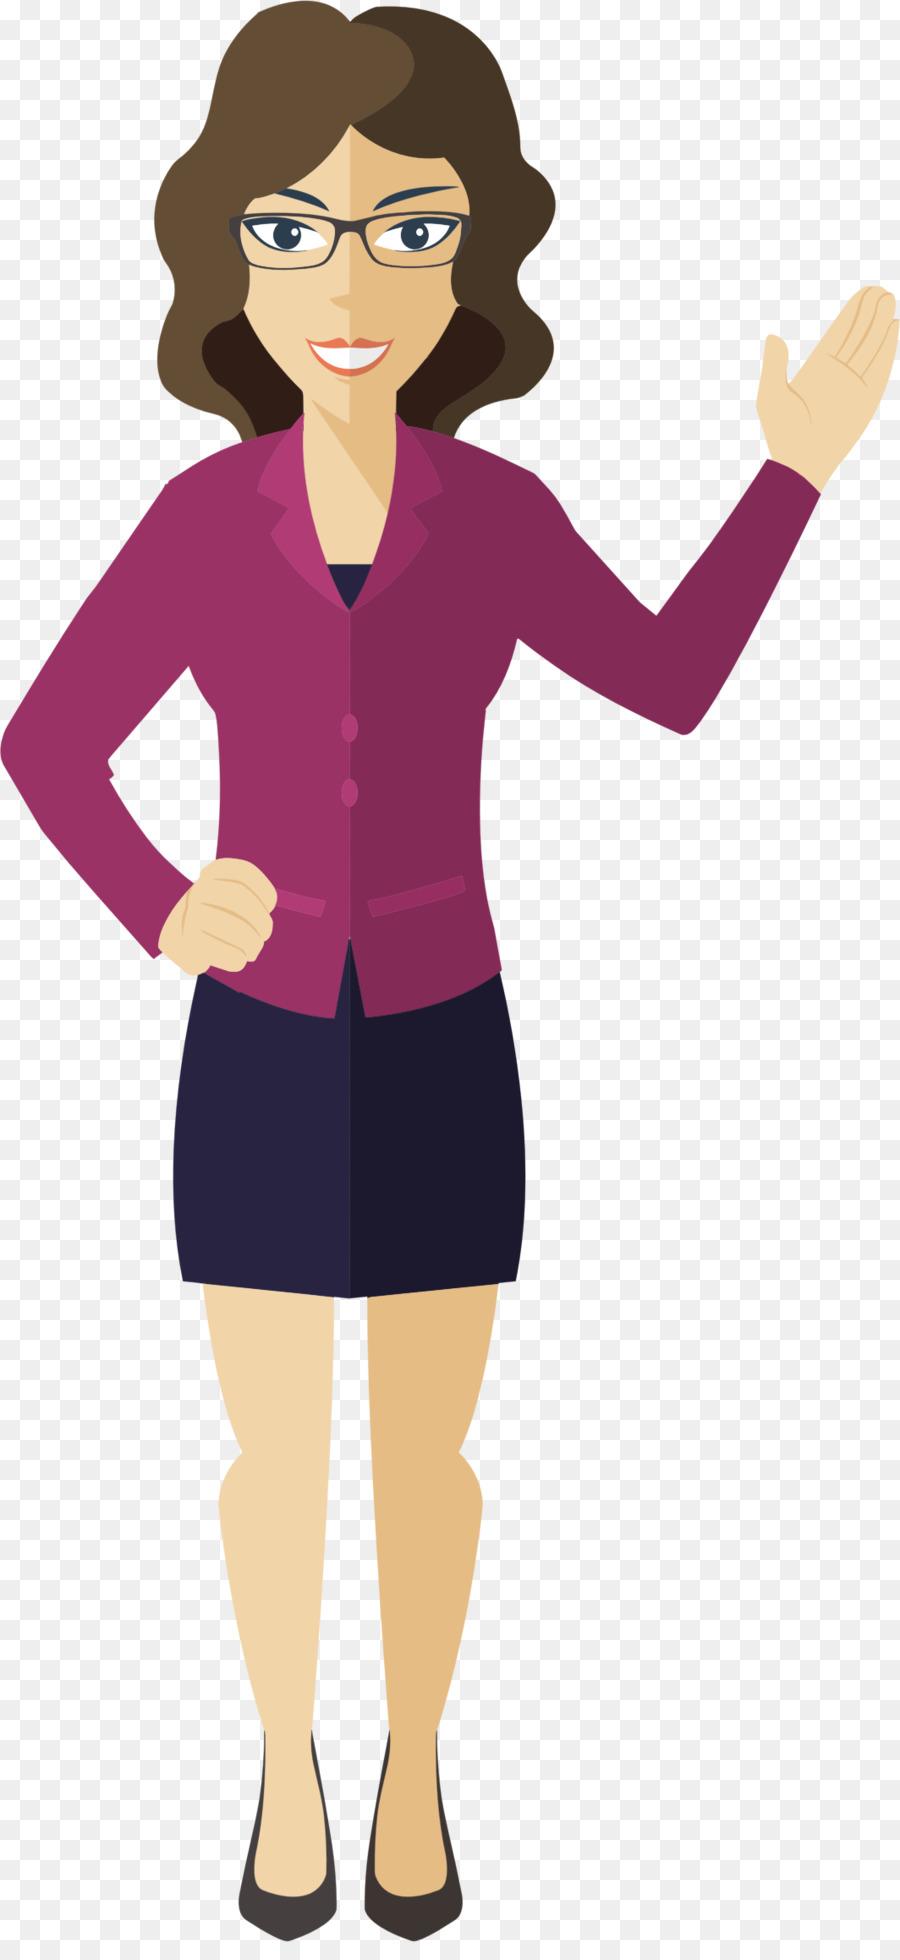 Lady clipart transparent, Lady transparent Transparent FREE.